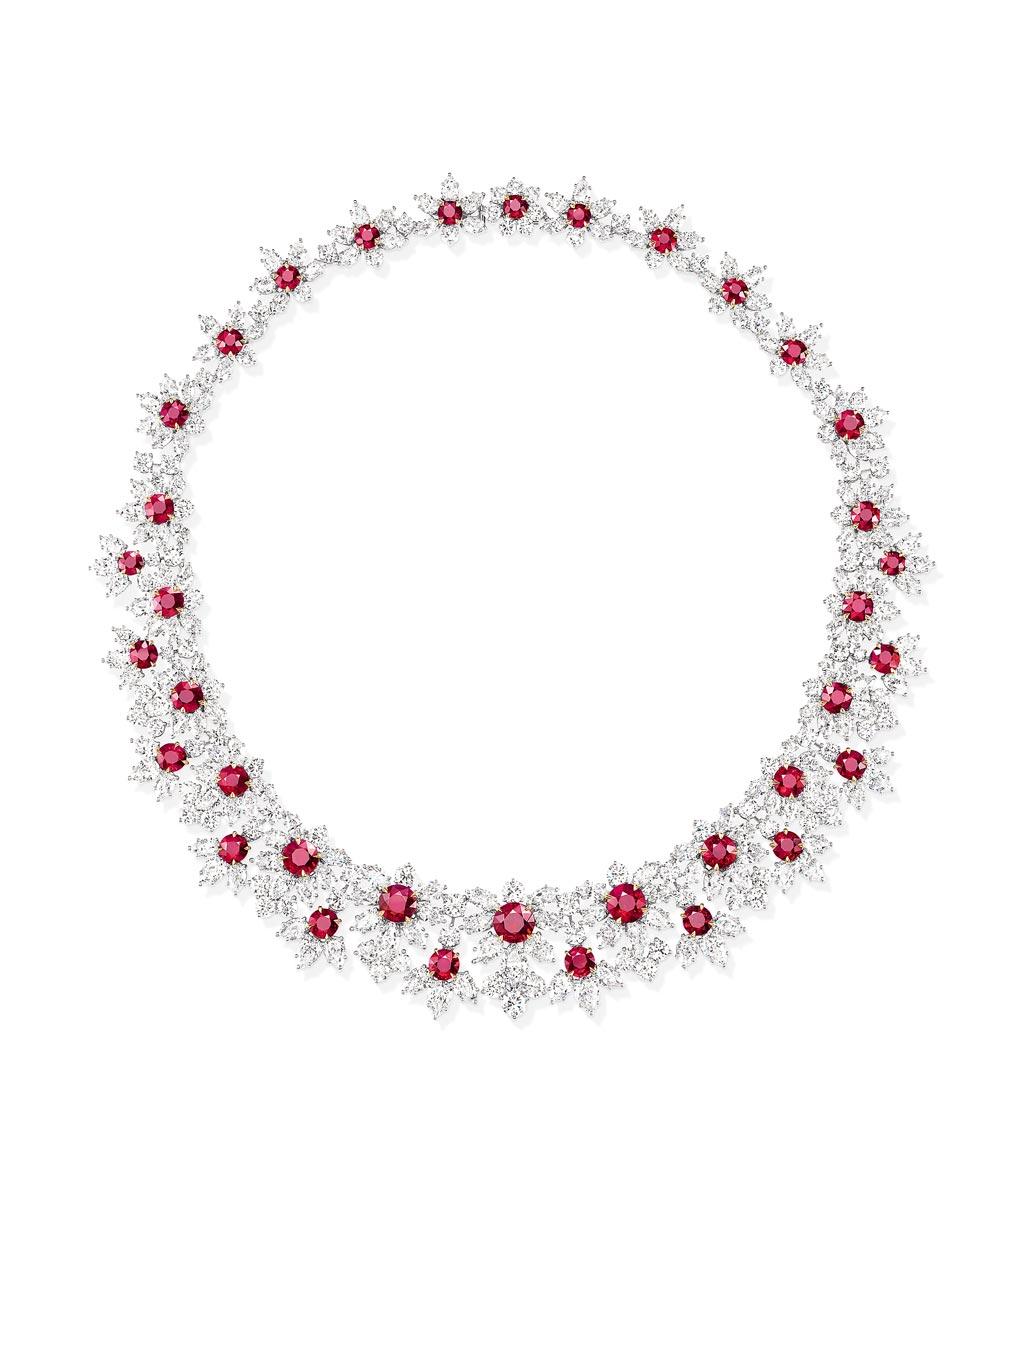 海瑞溫斯頓凝世風華Incredibles系列錦簇鑲嵌紅寶石鑽石項鍊,約5700萬元。(Harry Winston提供)